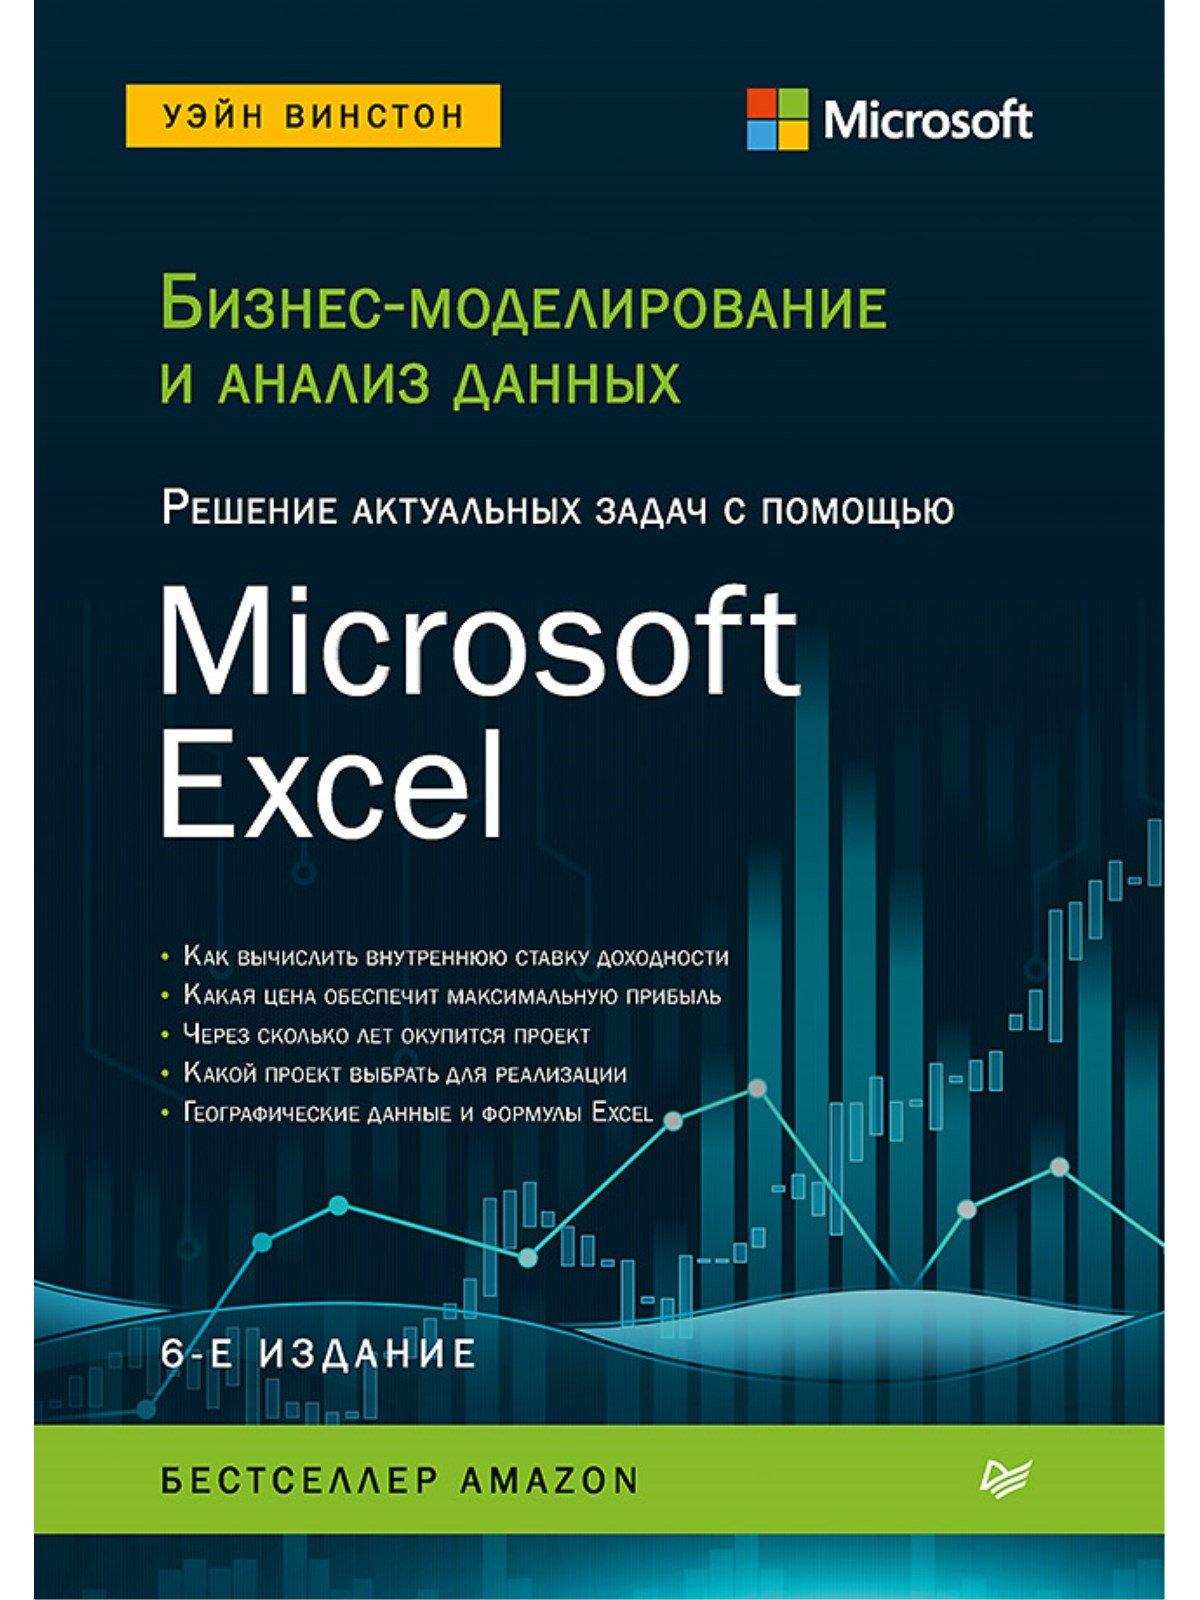 Винстон Уэйн Бизнес-моделирование и анализ данных. Решение актуальных задач с помощью Microsoft Excel. 6-е издание